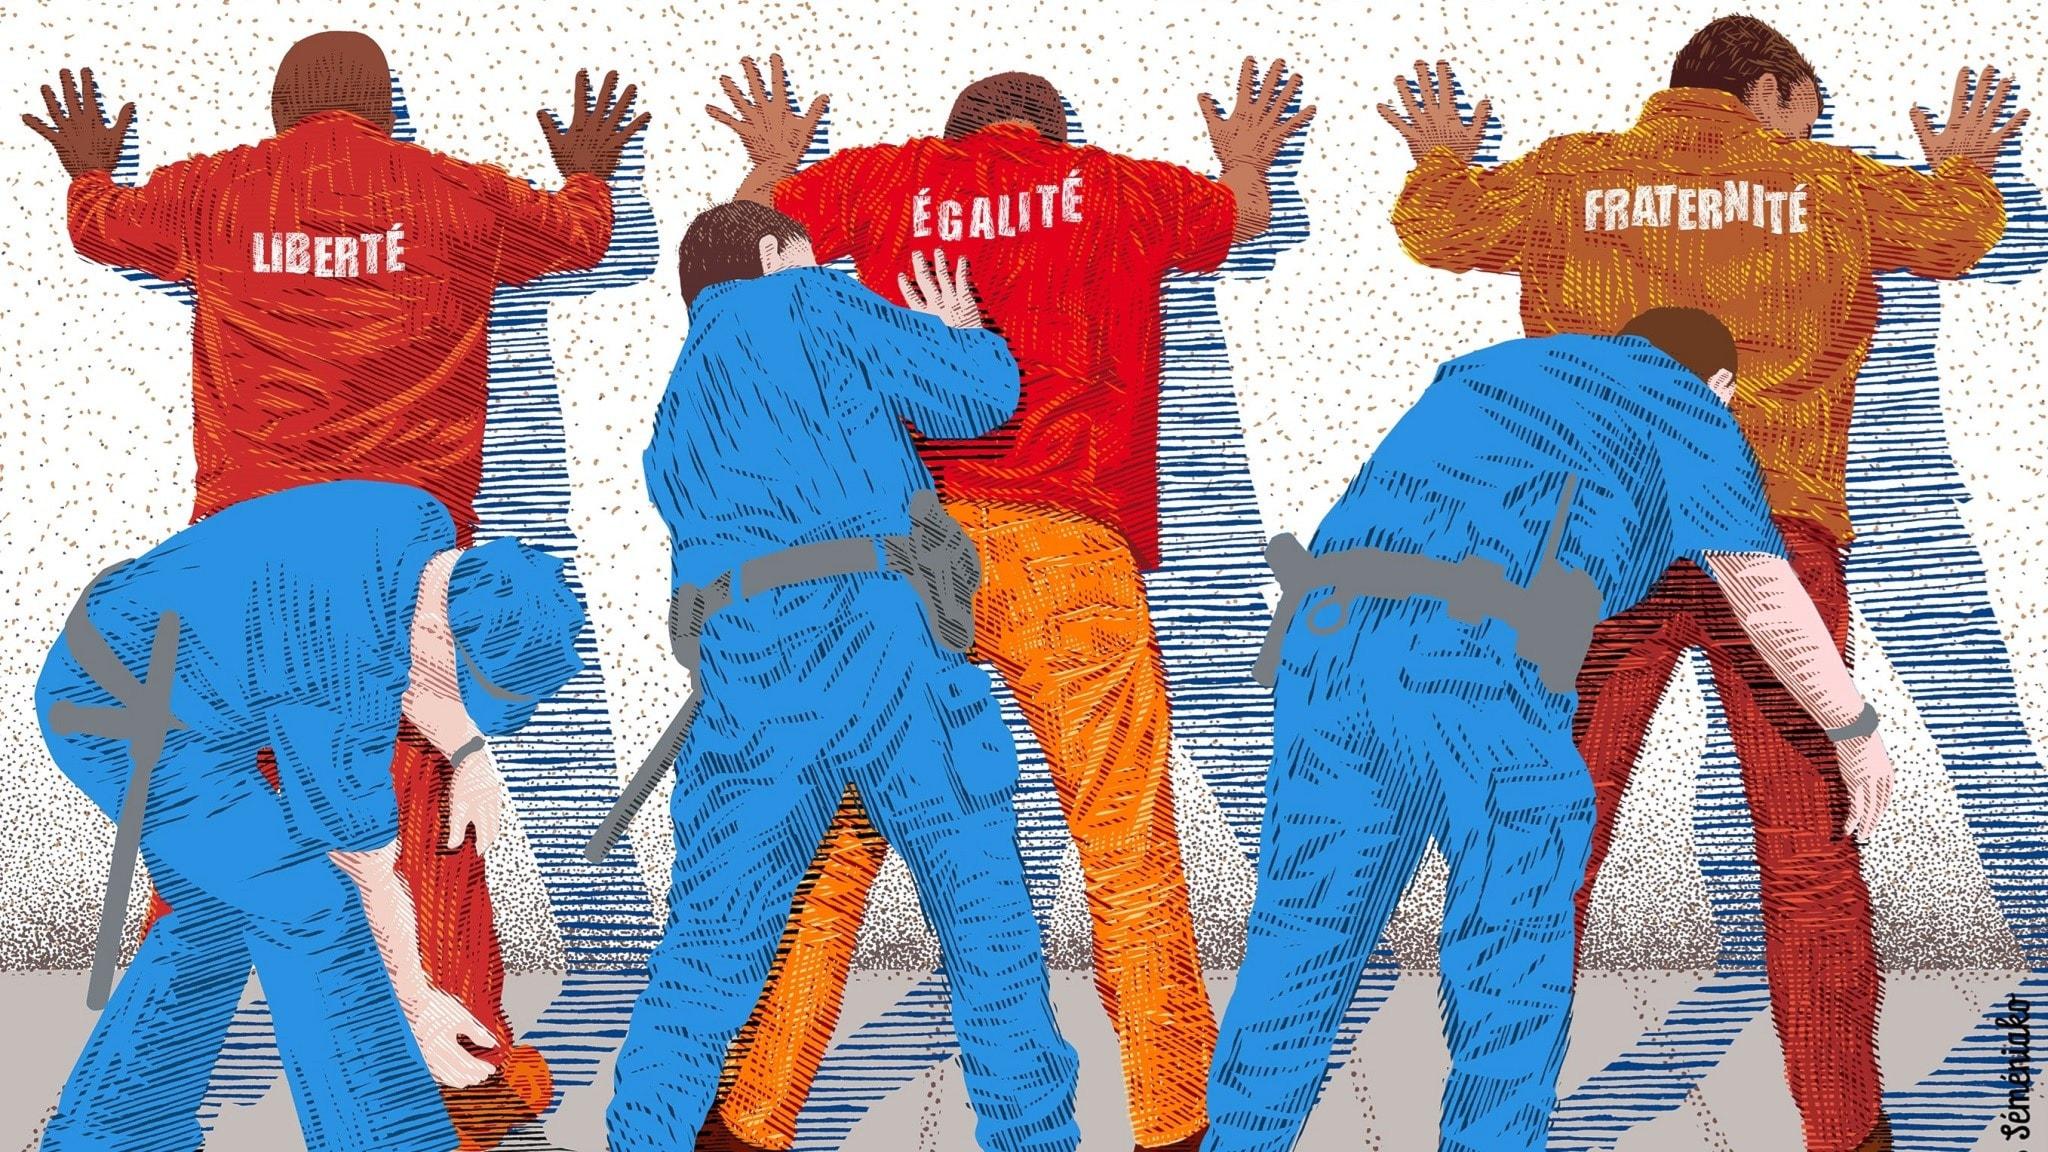 Frihet, jämlikhet och broderskap - för vem? Bild: Boris Séméniako.